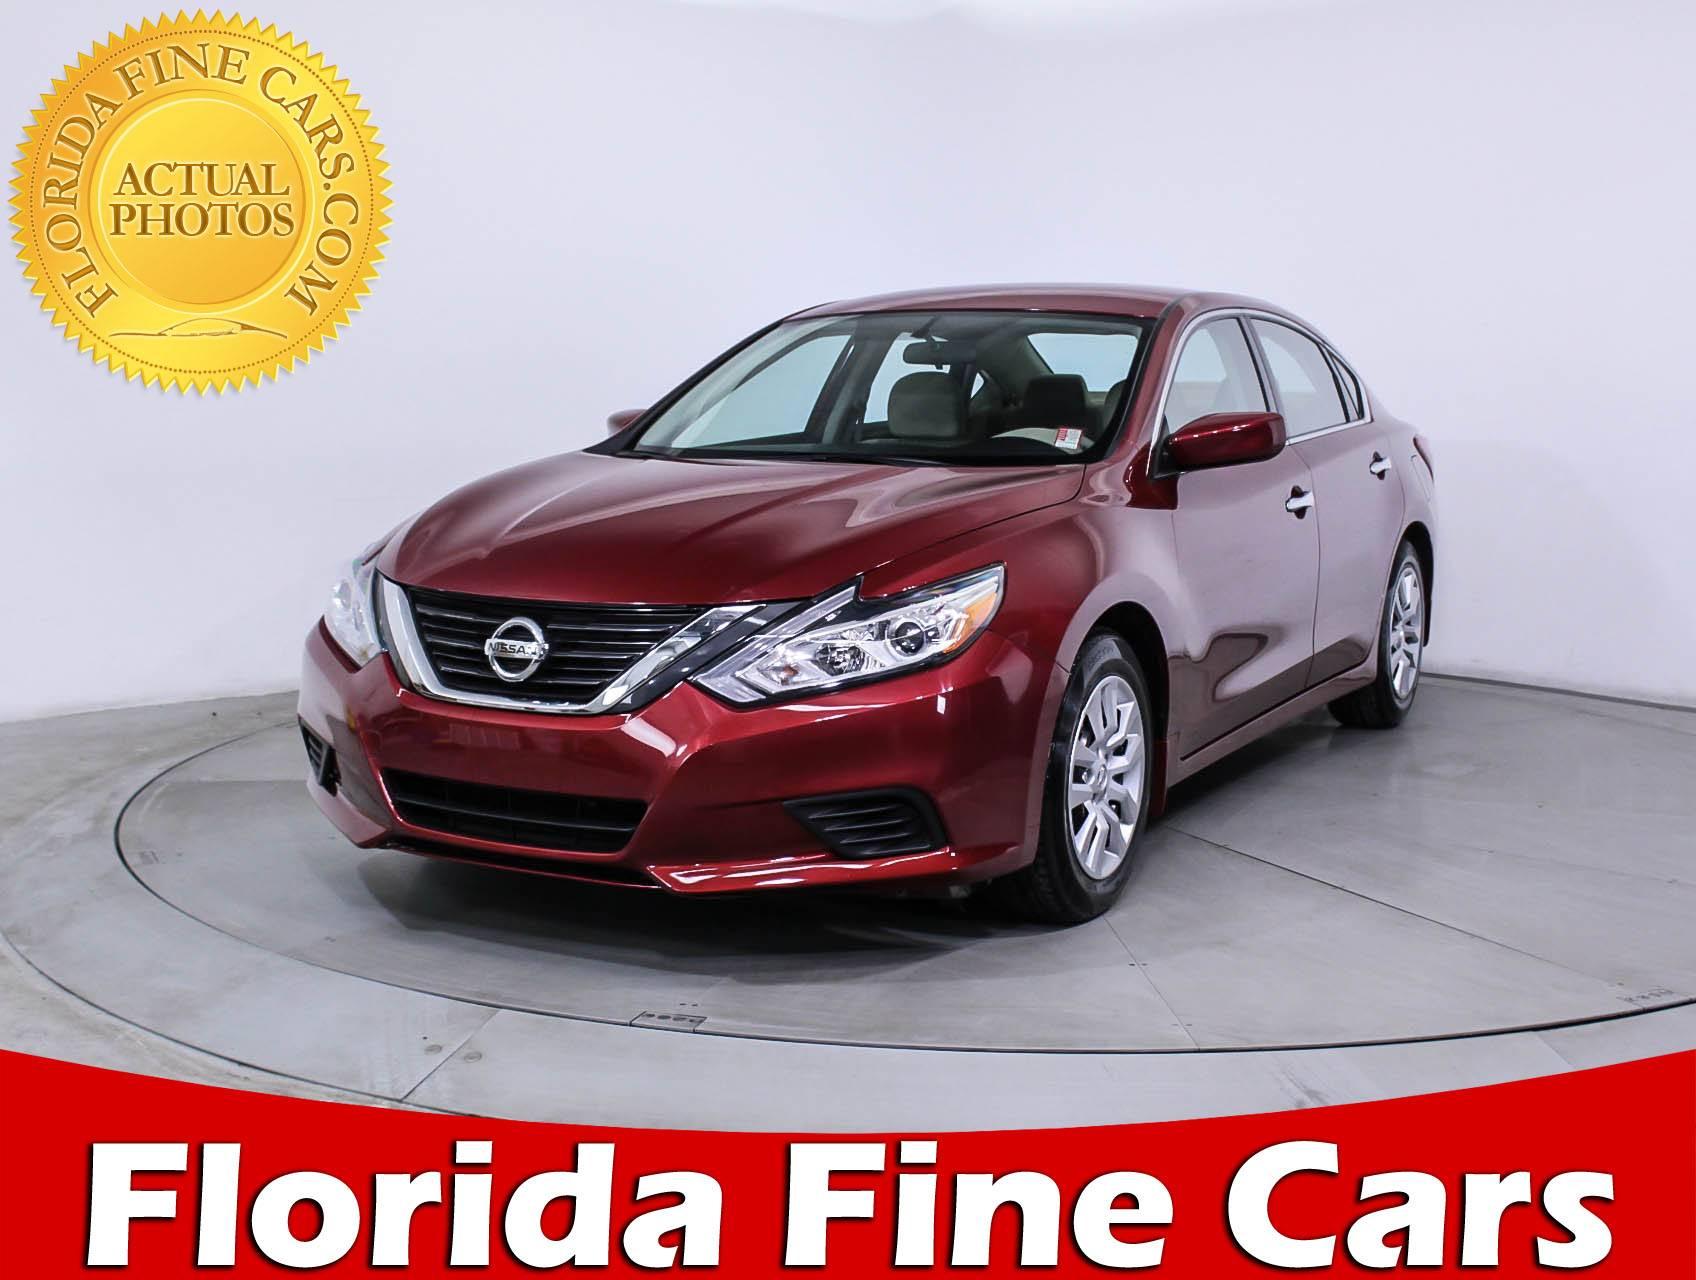 Used 2016 NISSAN ALTIMA S Sedan for sale in MIAMI, FL | 87180 | Florida  Fine Cars